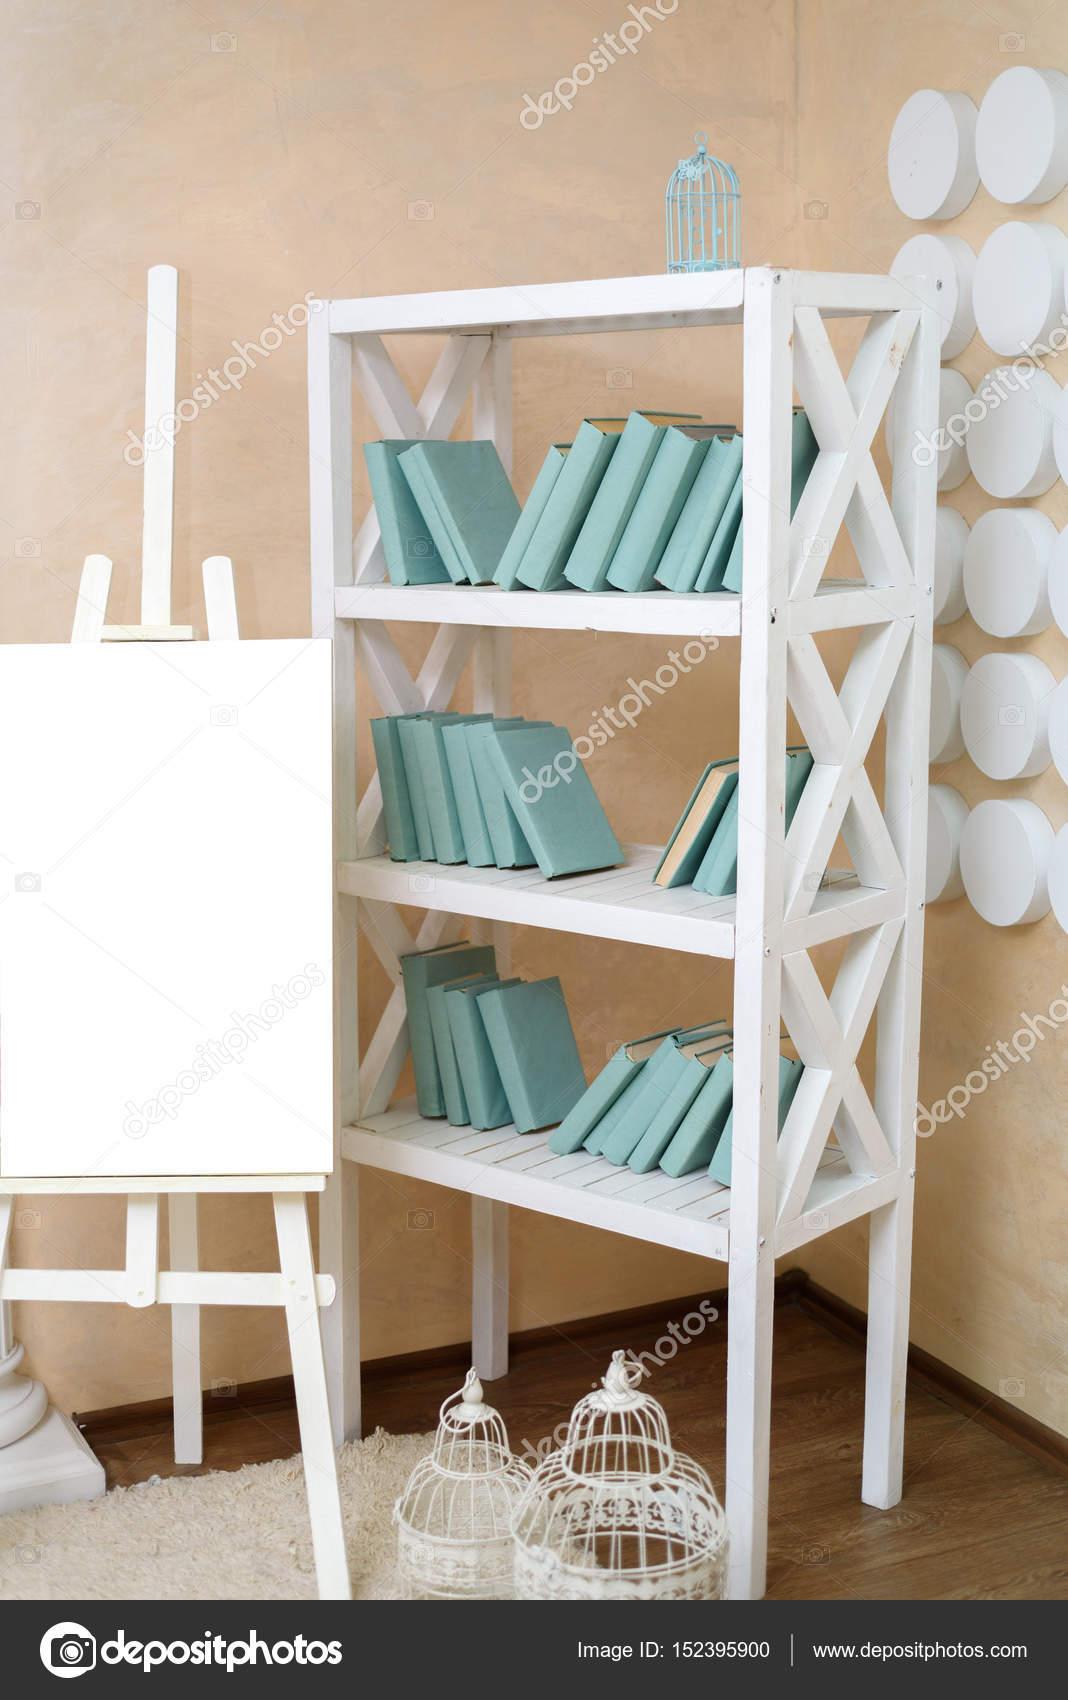 Wunderbar Weißes Bücherregal Das Beste Von Staffelei Mit Leeren Blatt Weißes Papier Neben